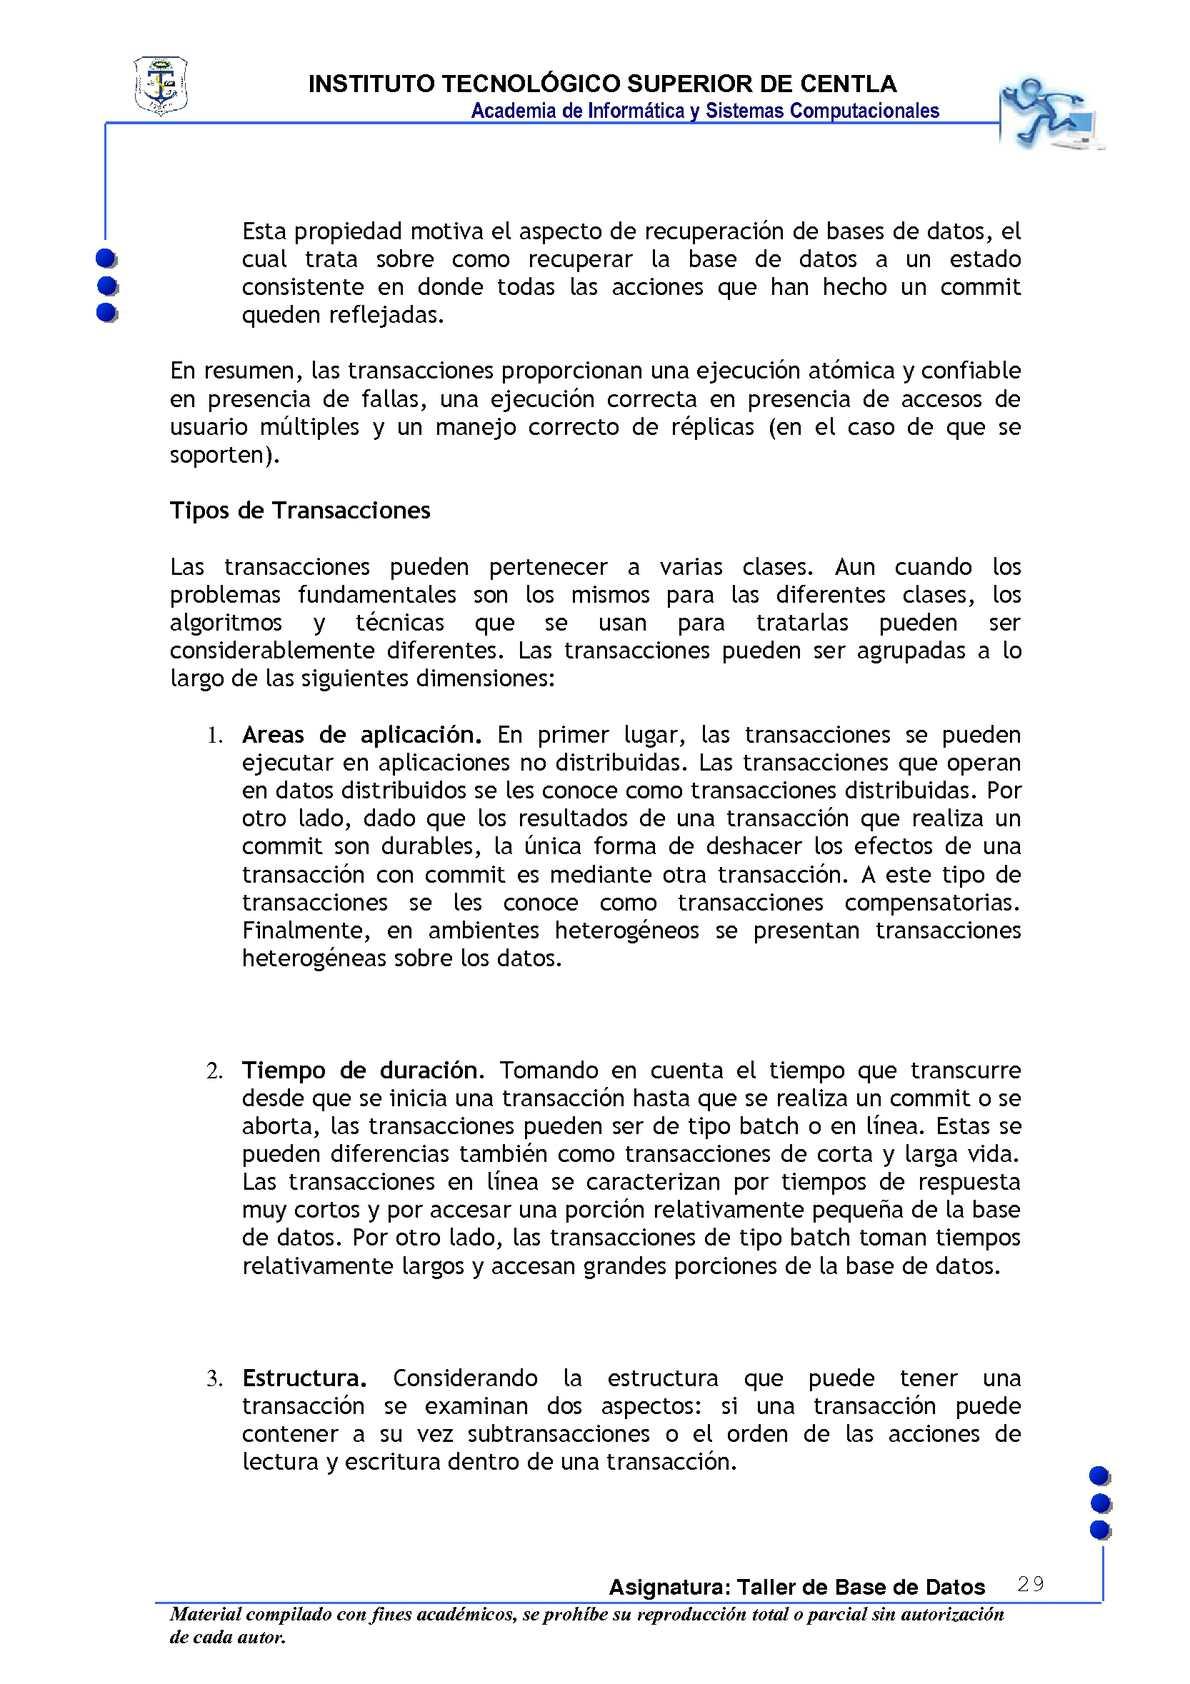 Antología de Taller de base de datos - CALAMEO Downloader